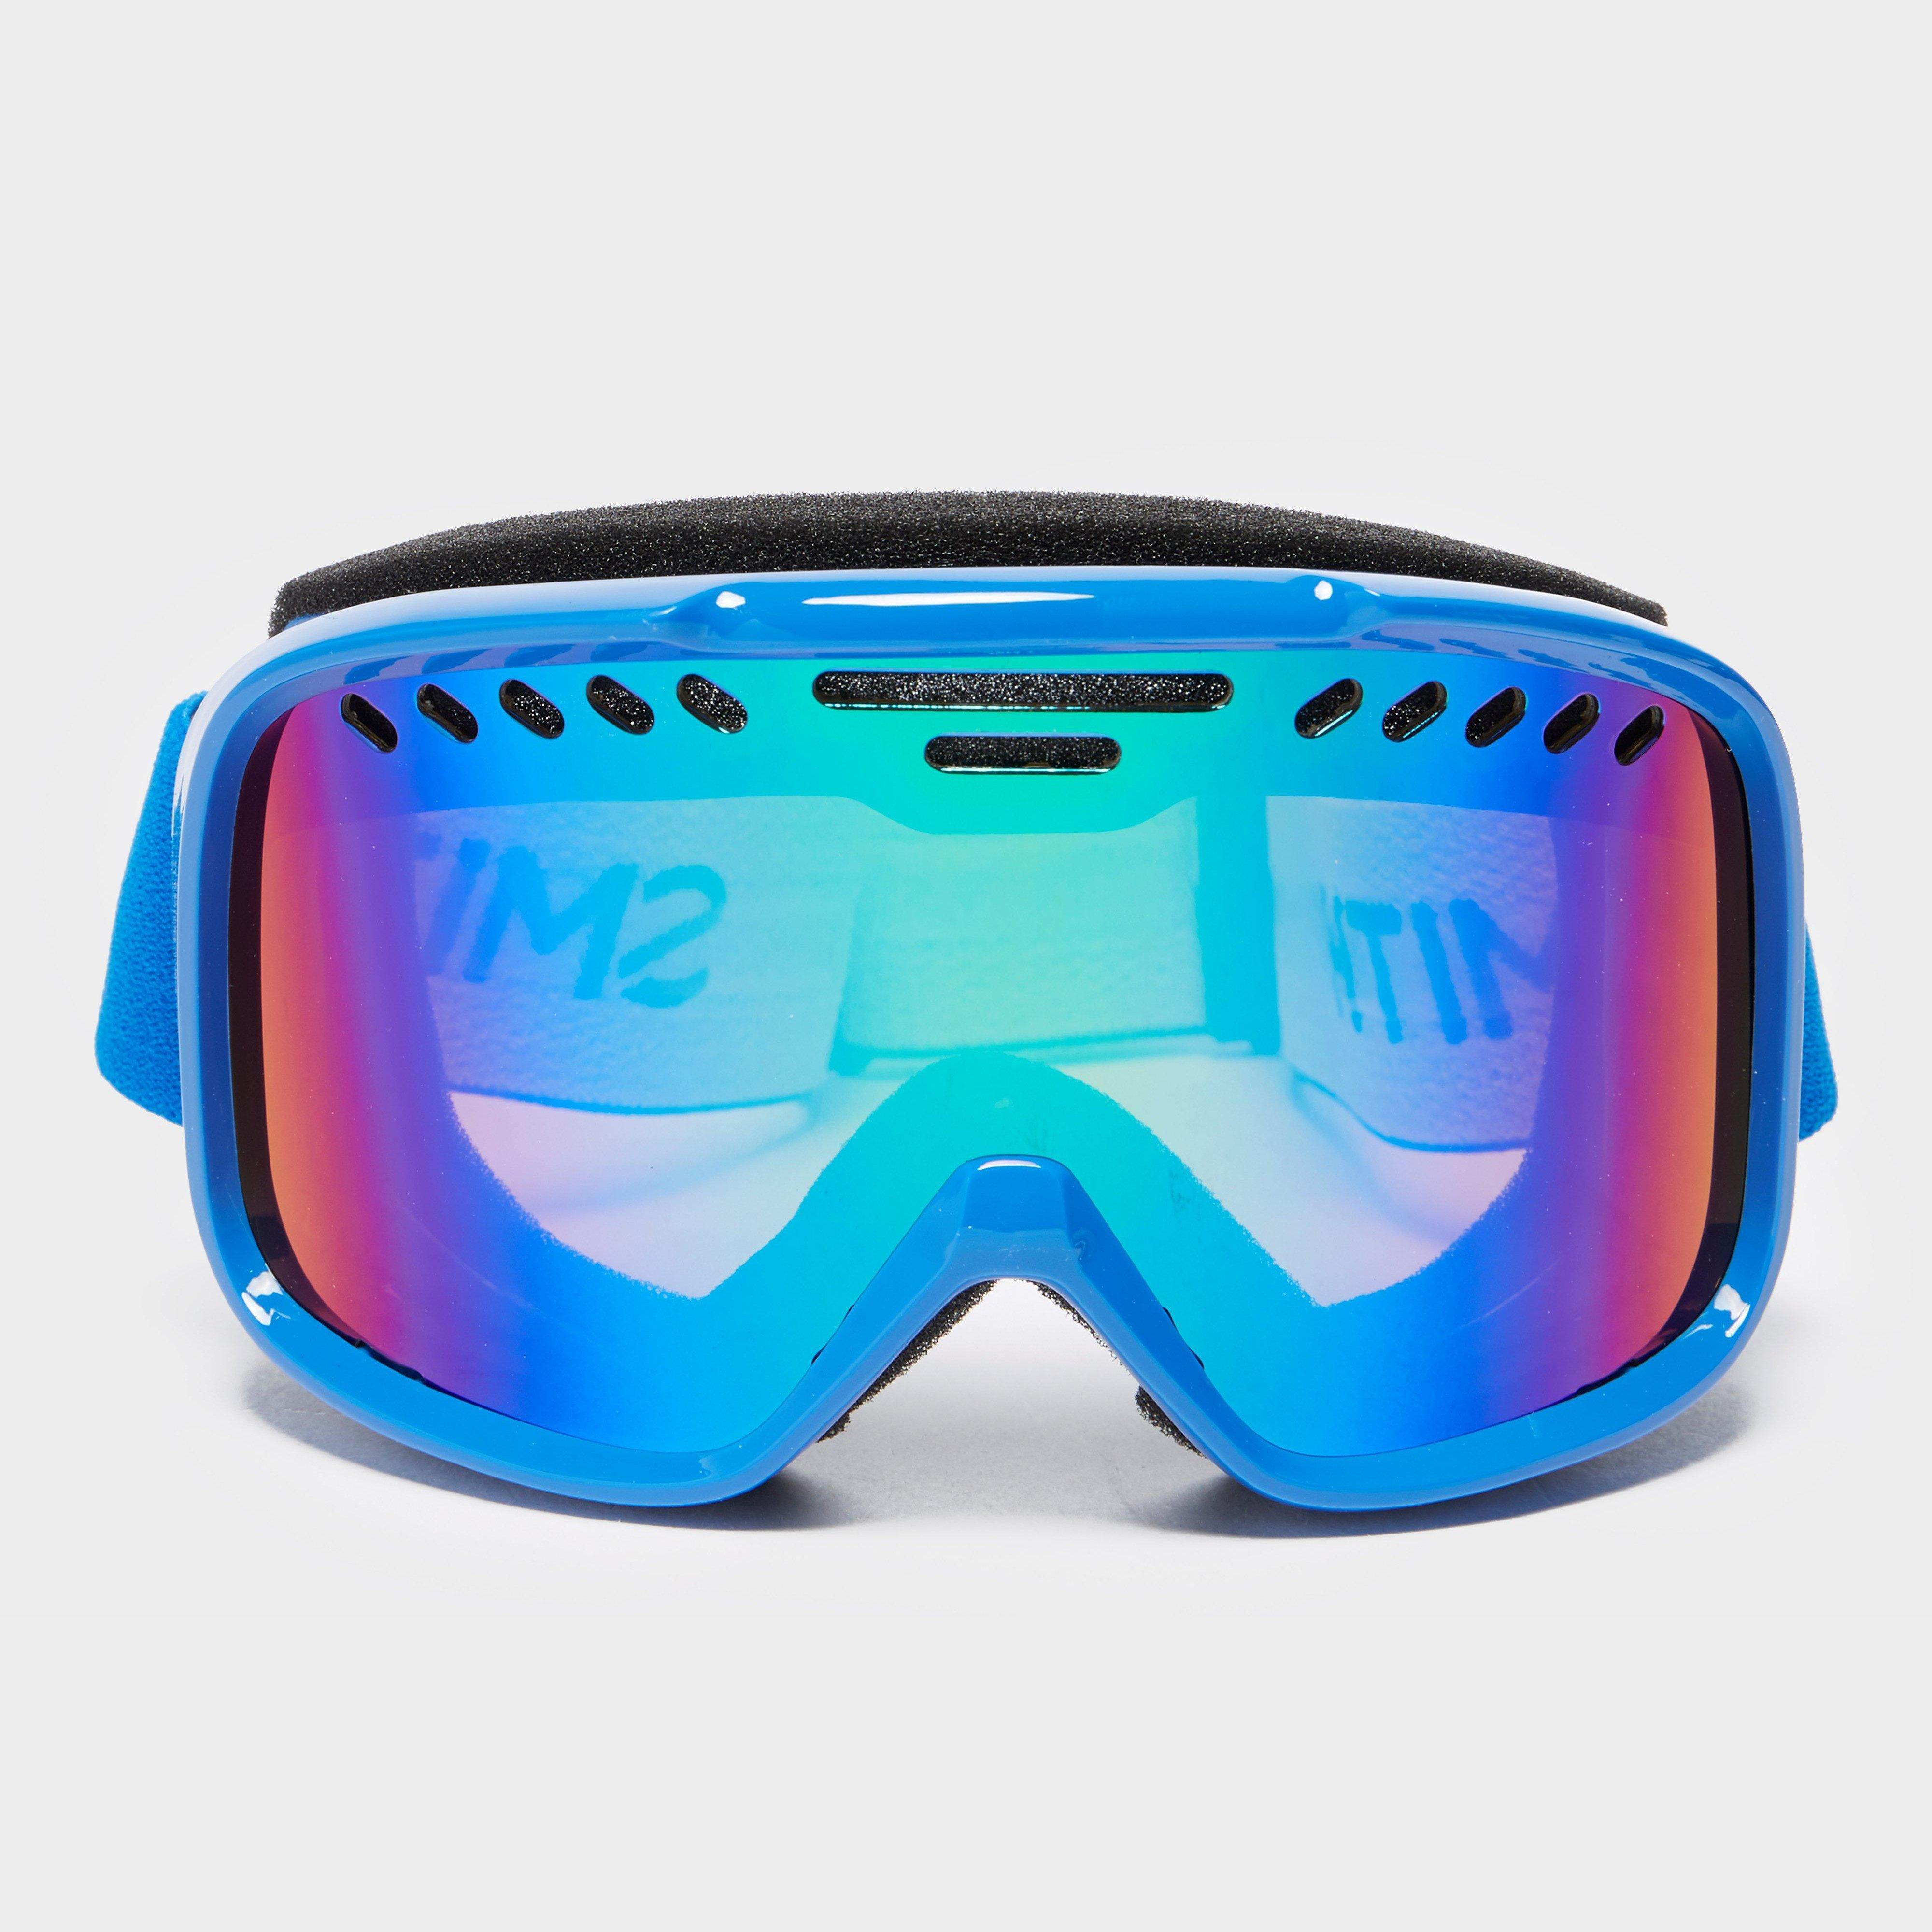 Smith Project Ski Goggles - Blue, Blue